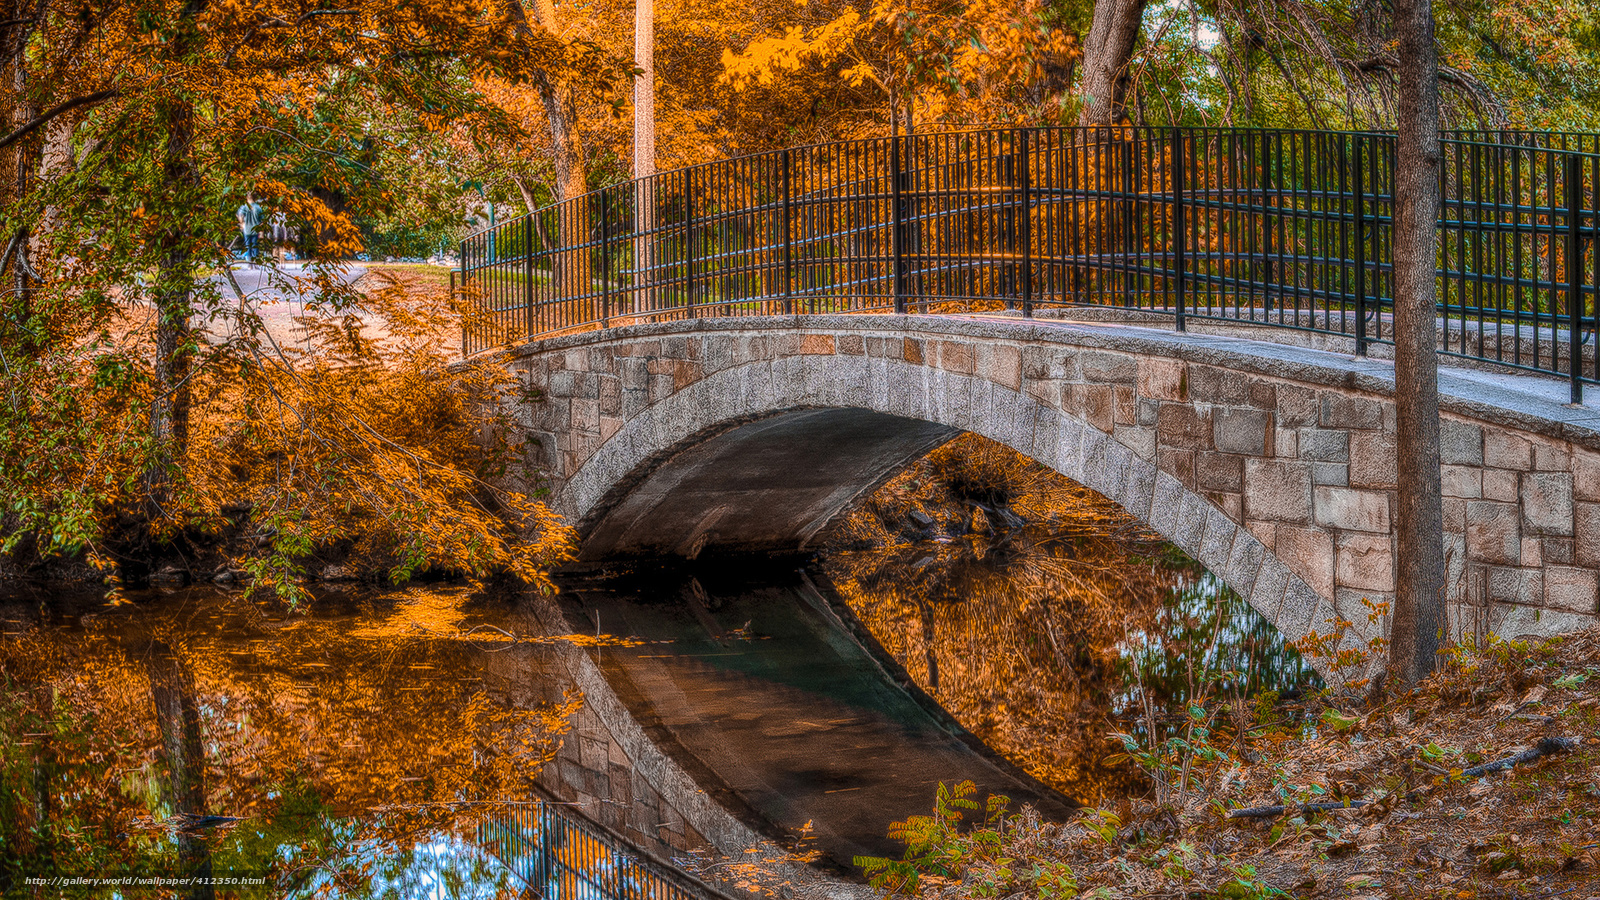 Scaricare gli sfondi parco ponte torrente autunno for Foto per desktop gratis autunno